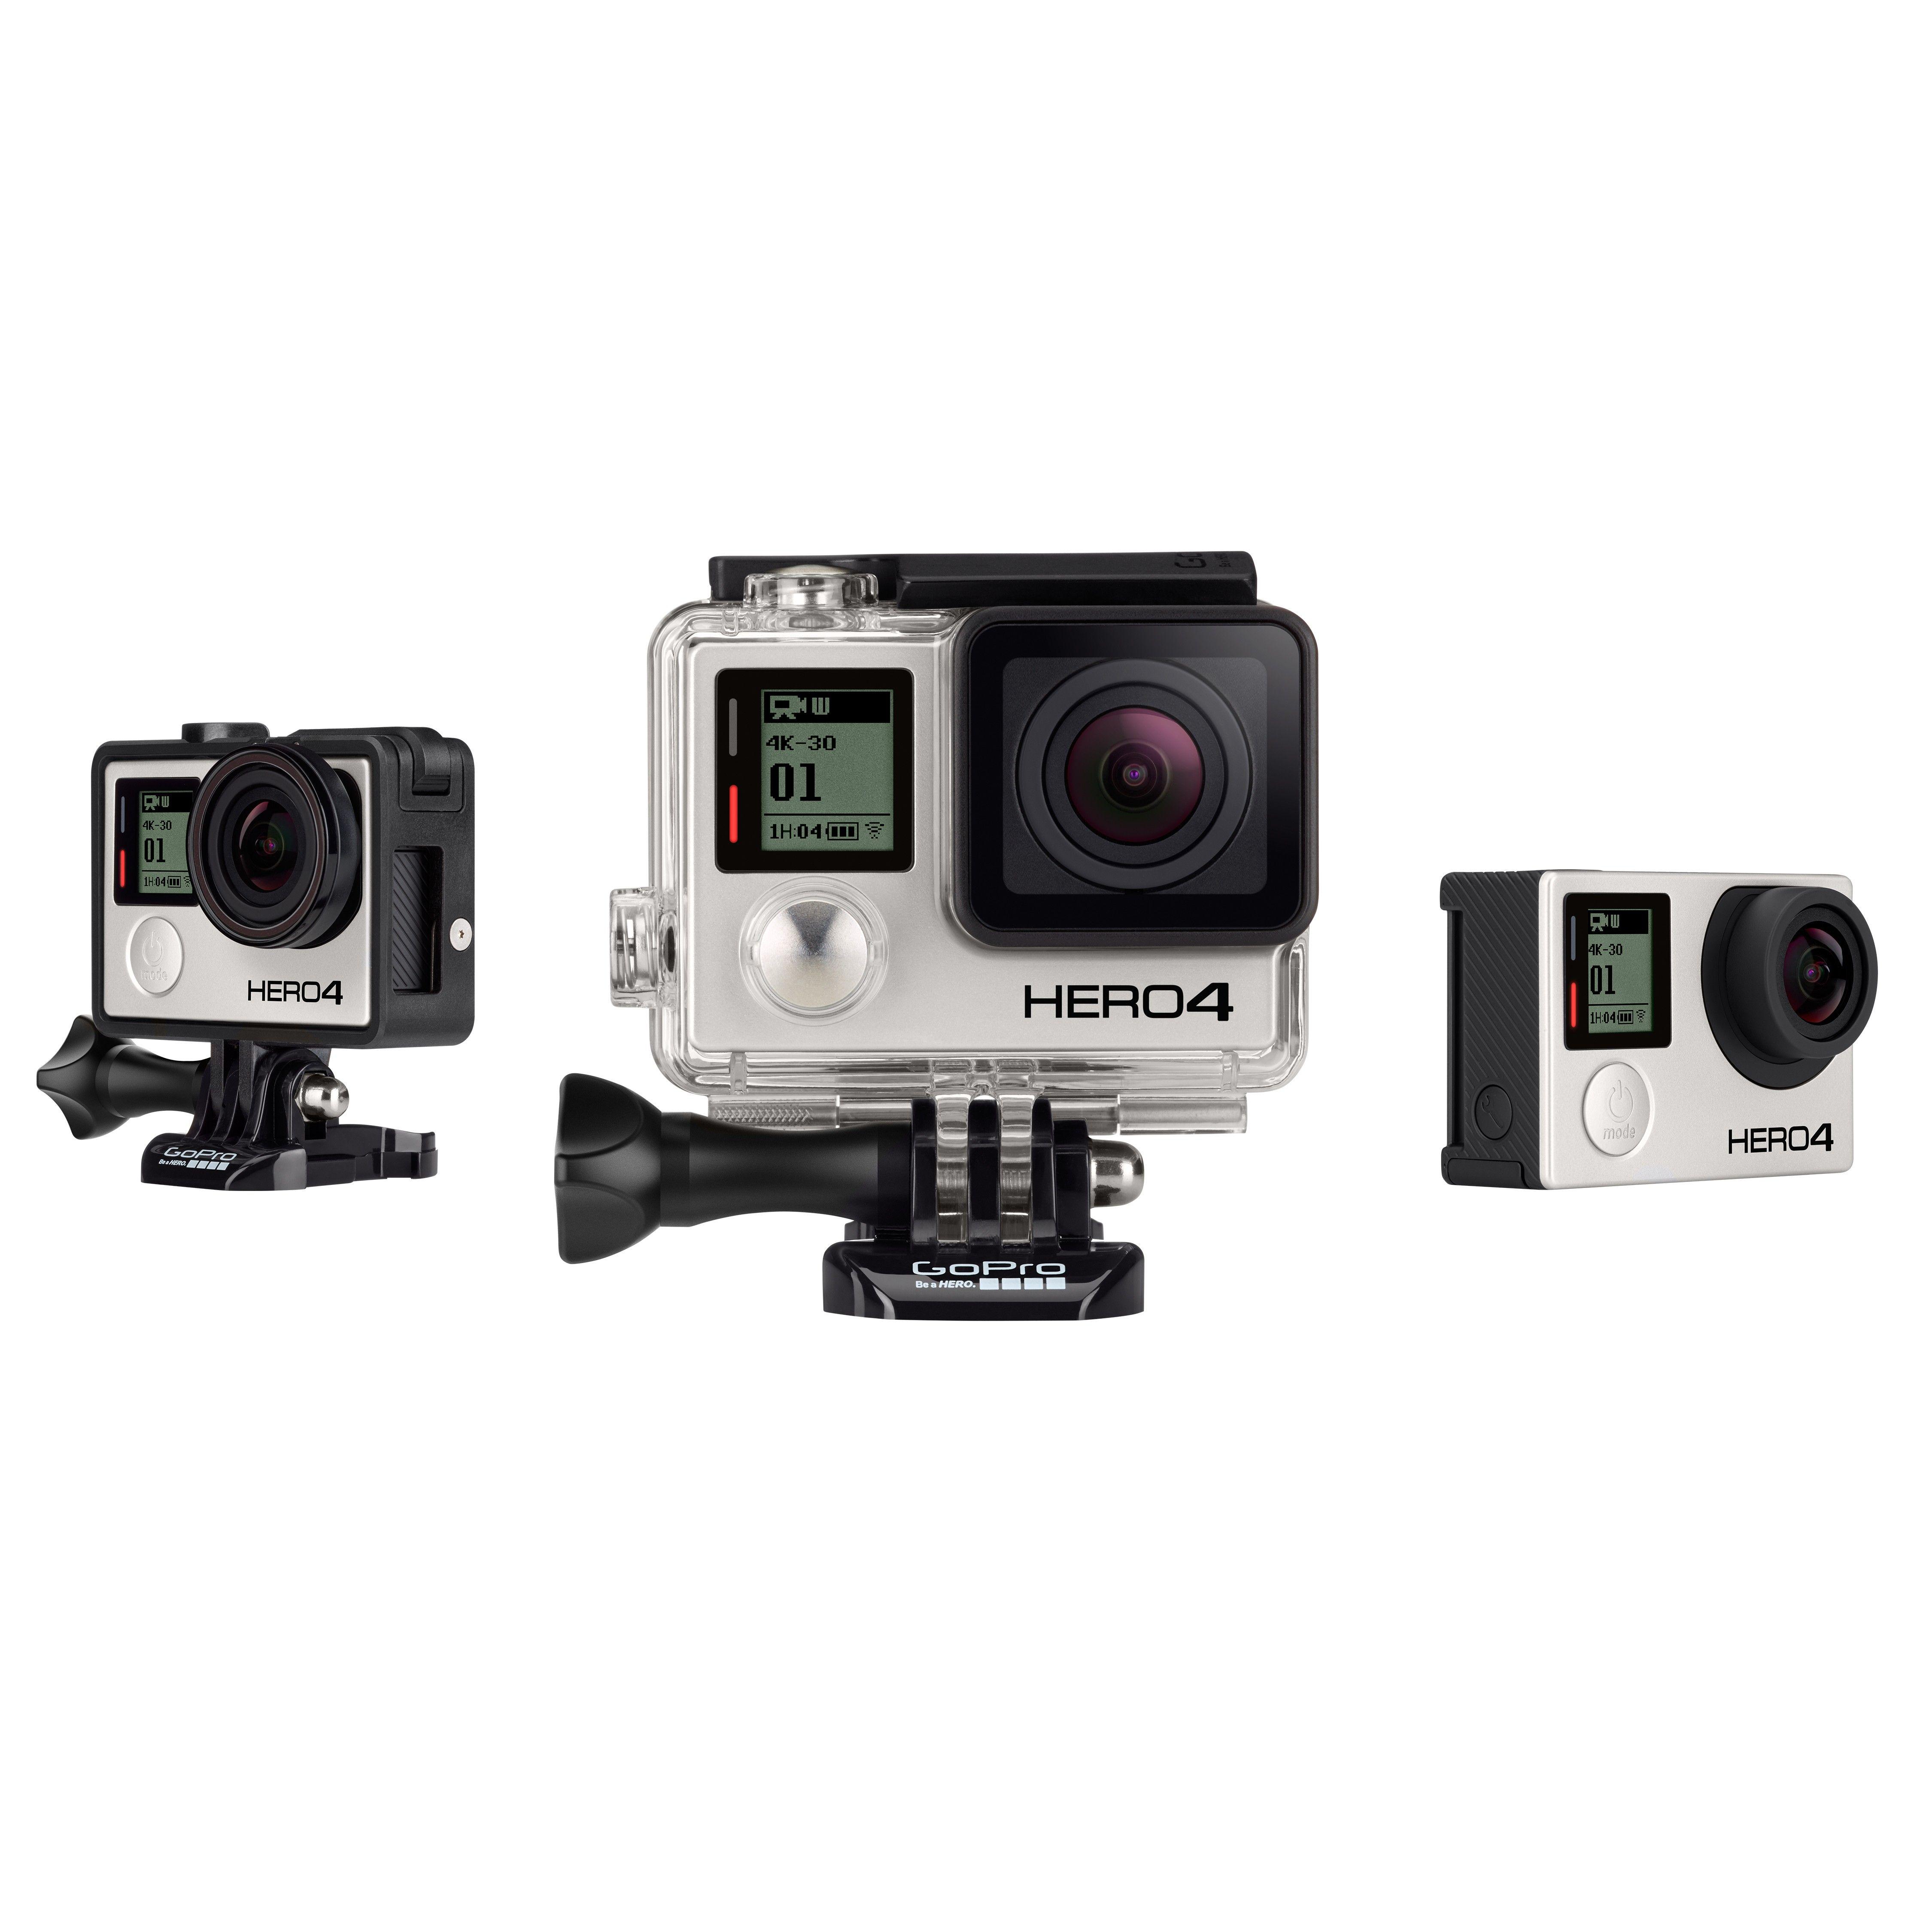 GOPRO HERO4 BLACK - Tecnología encuentra esta gran cámara en https://www.tenlo.pe/todo-tecnologia/gopro-hero4-black.html  ¡Envío gratuito!